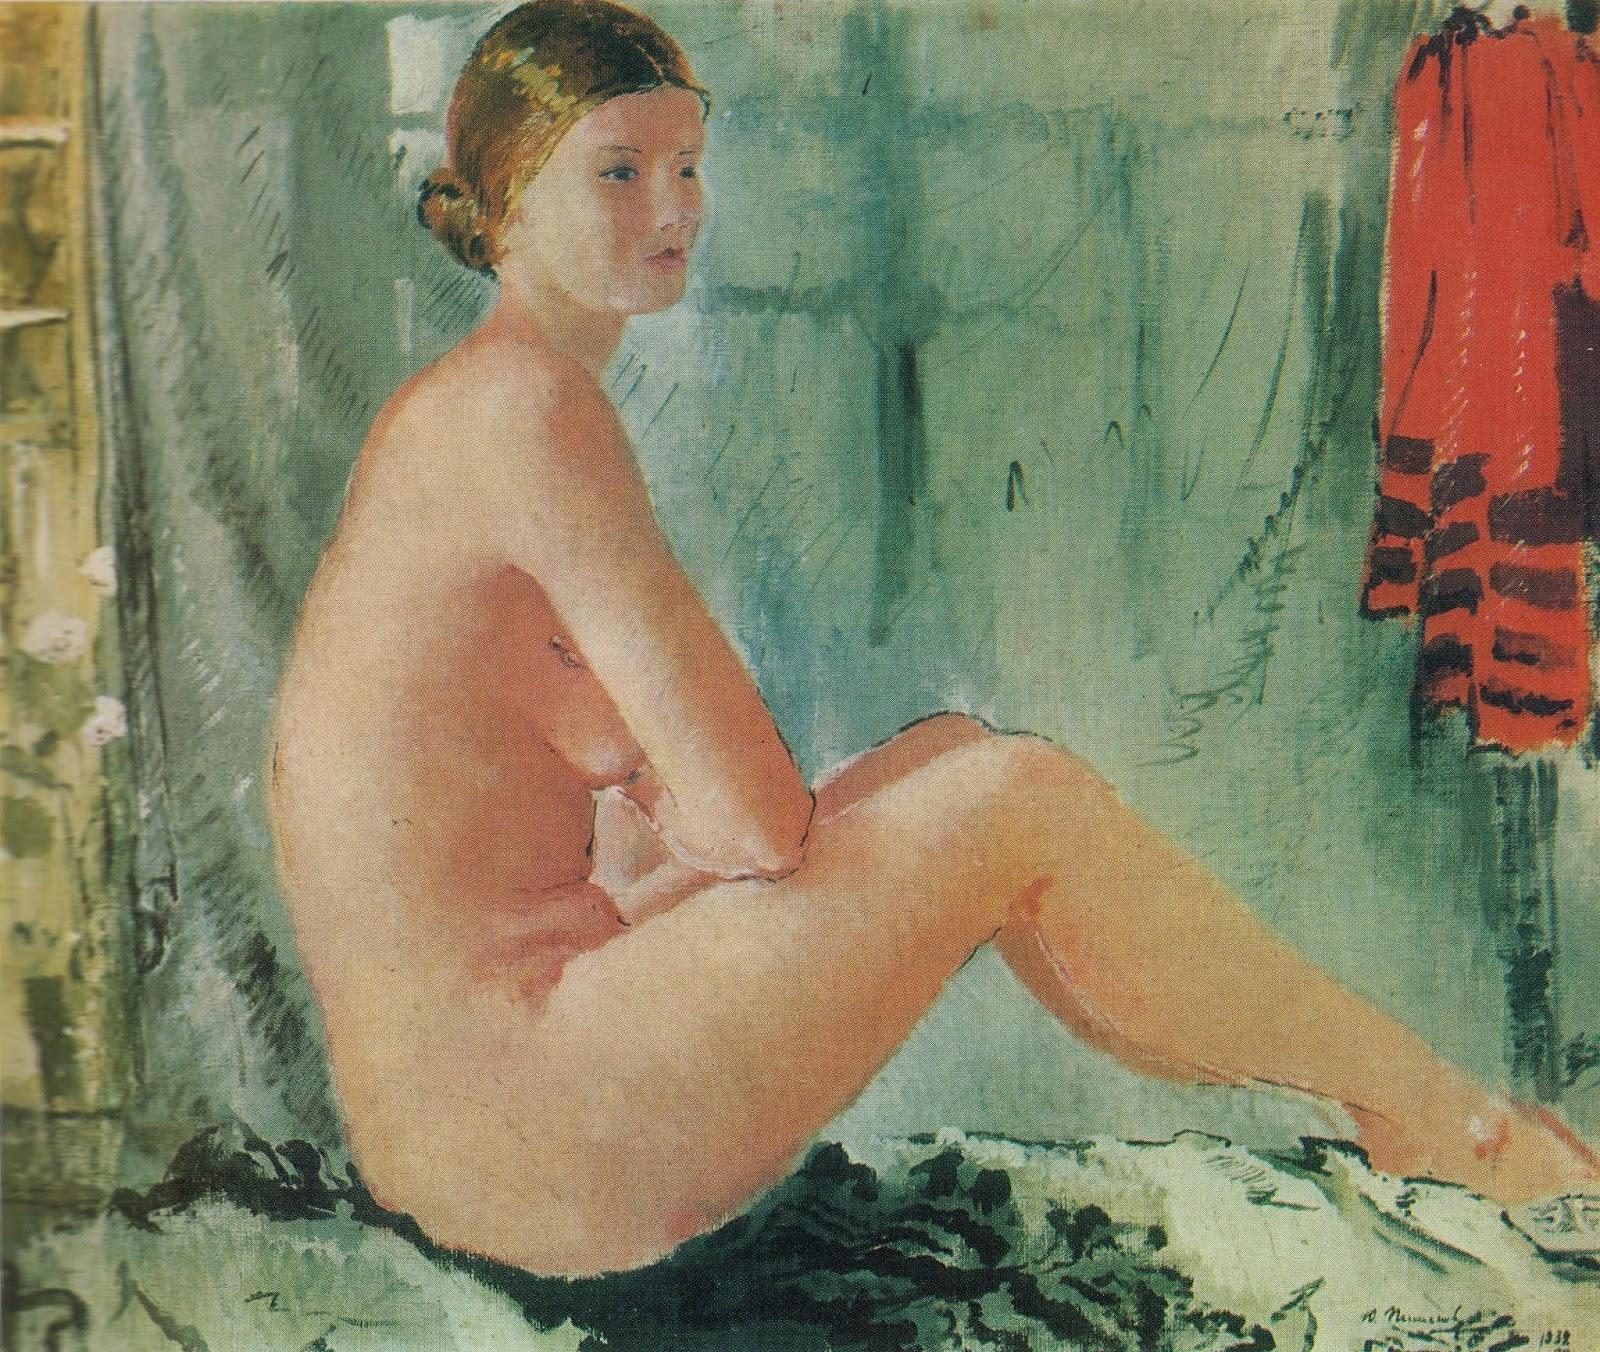 Rose Nude, 1932